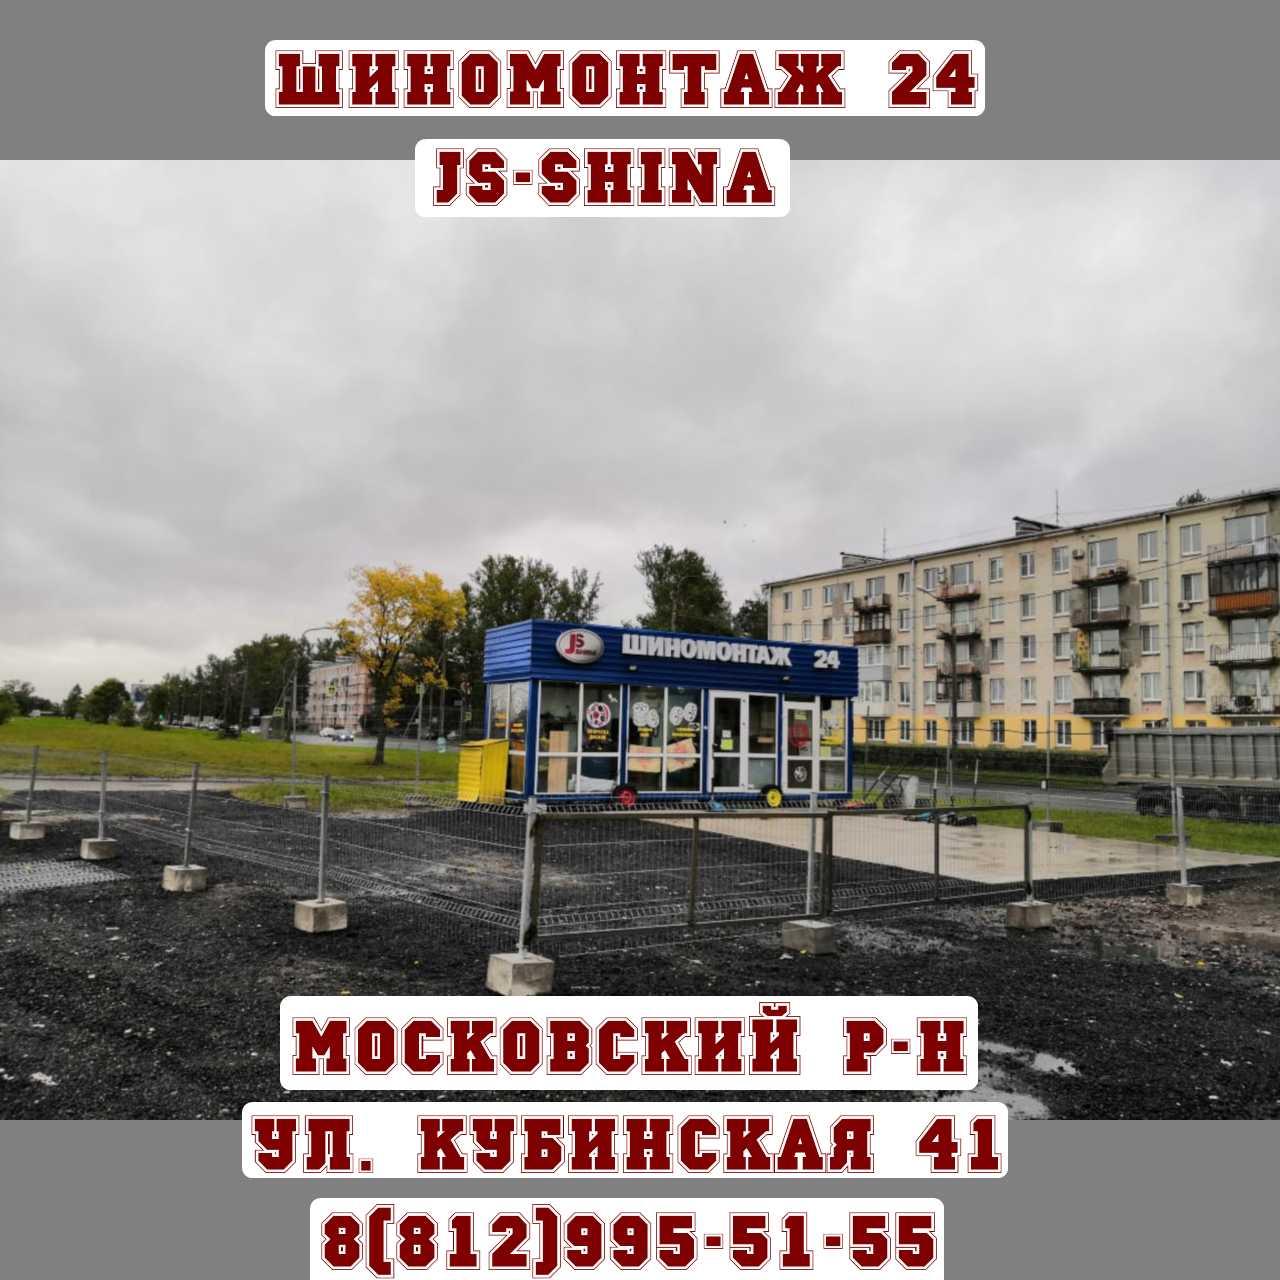 шиномонтаж 24-кубинская улица московский район спб